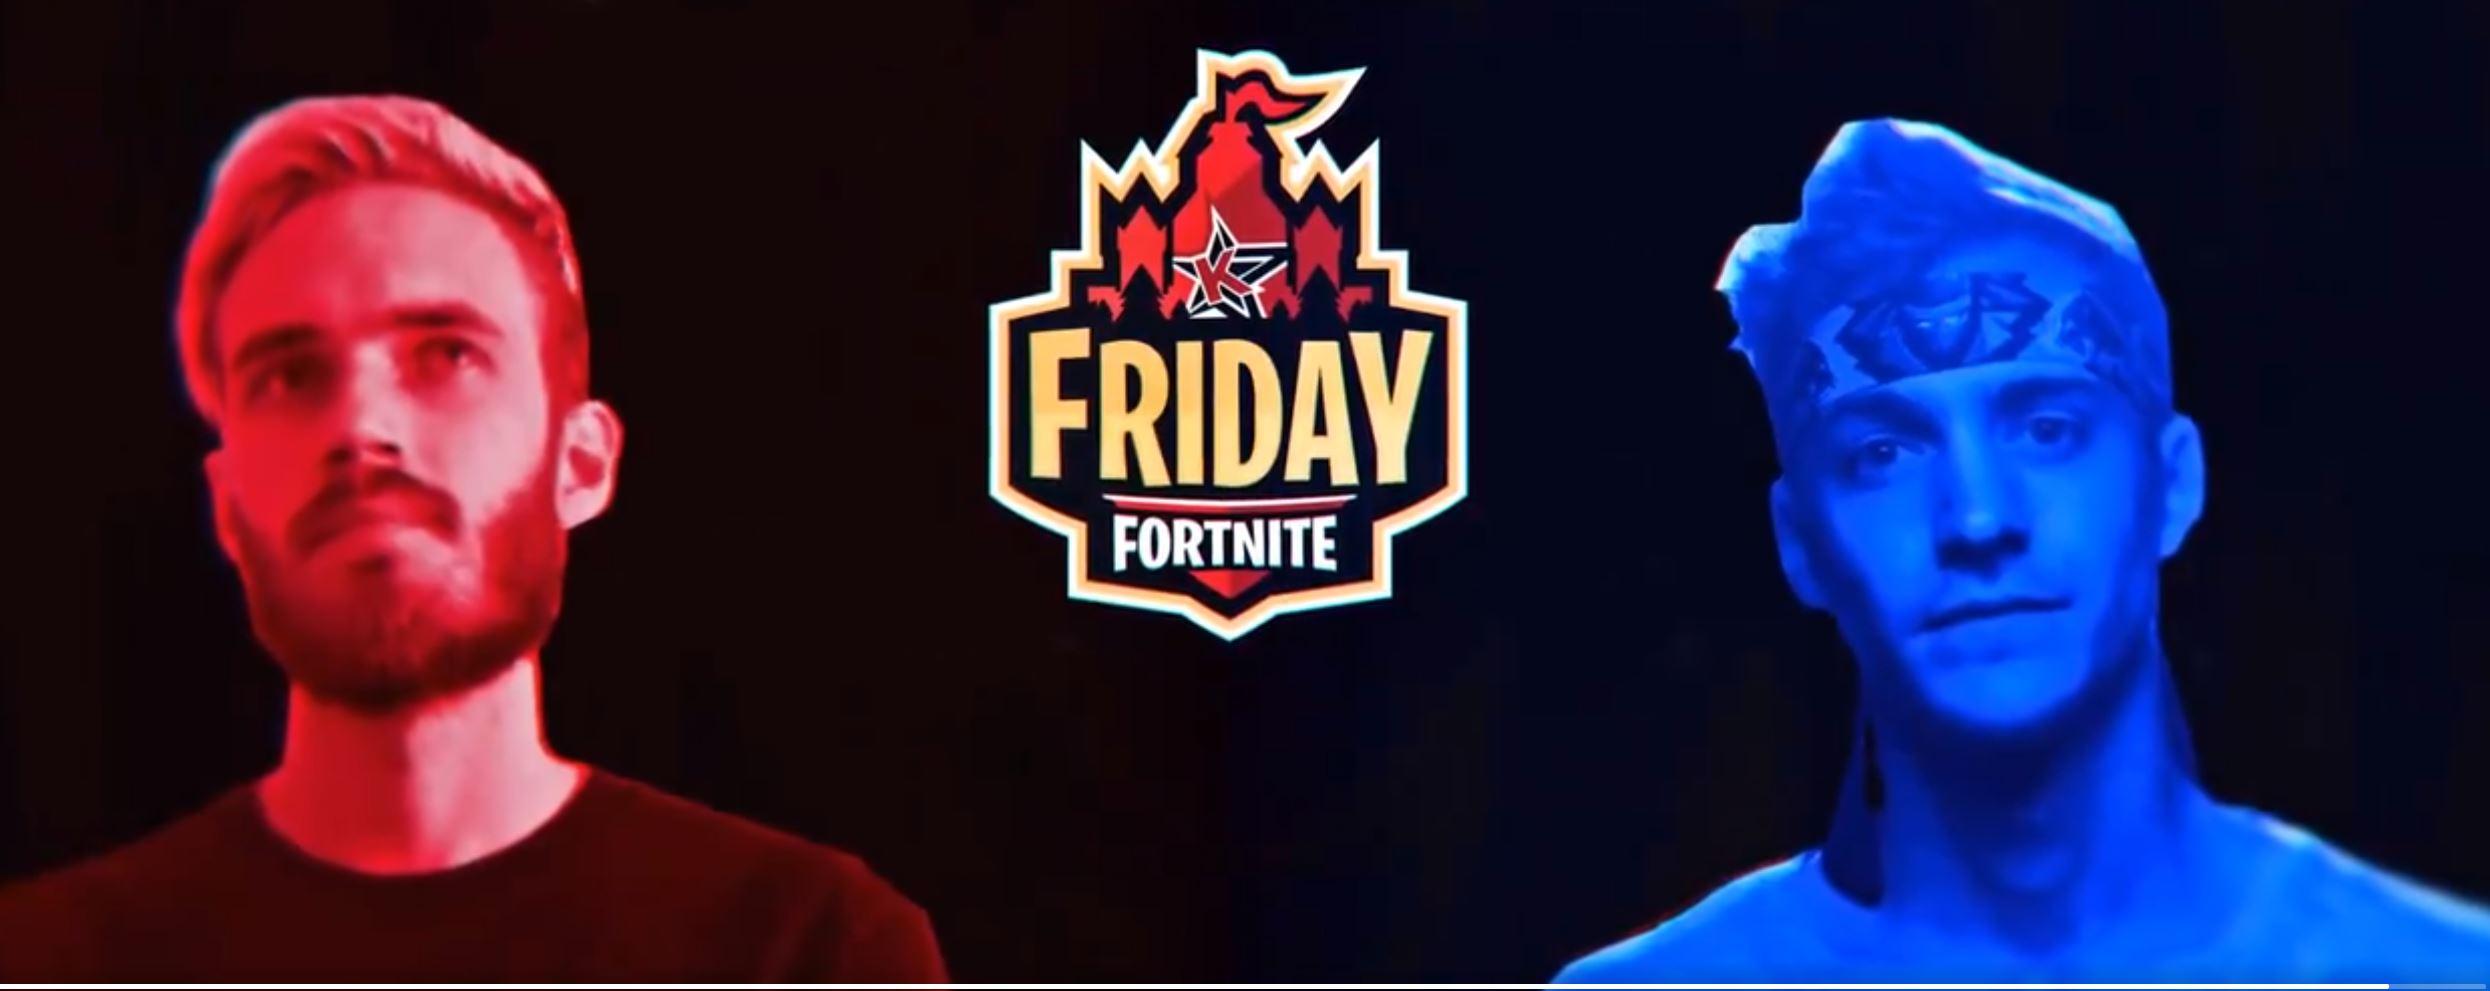 Friday Fortnite vereint heute Ninja und PewDiePie – So könnt Ihr's sehen